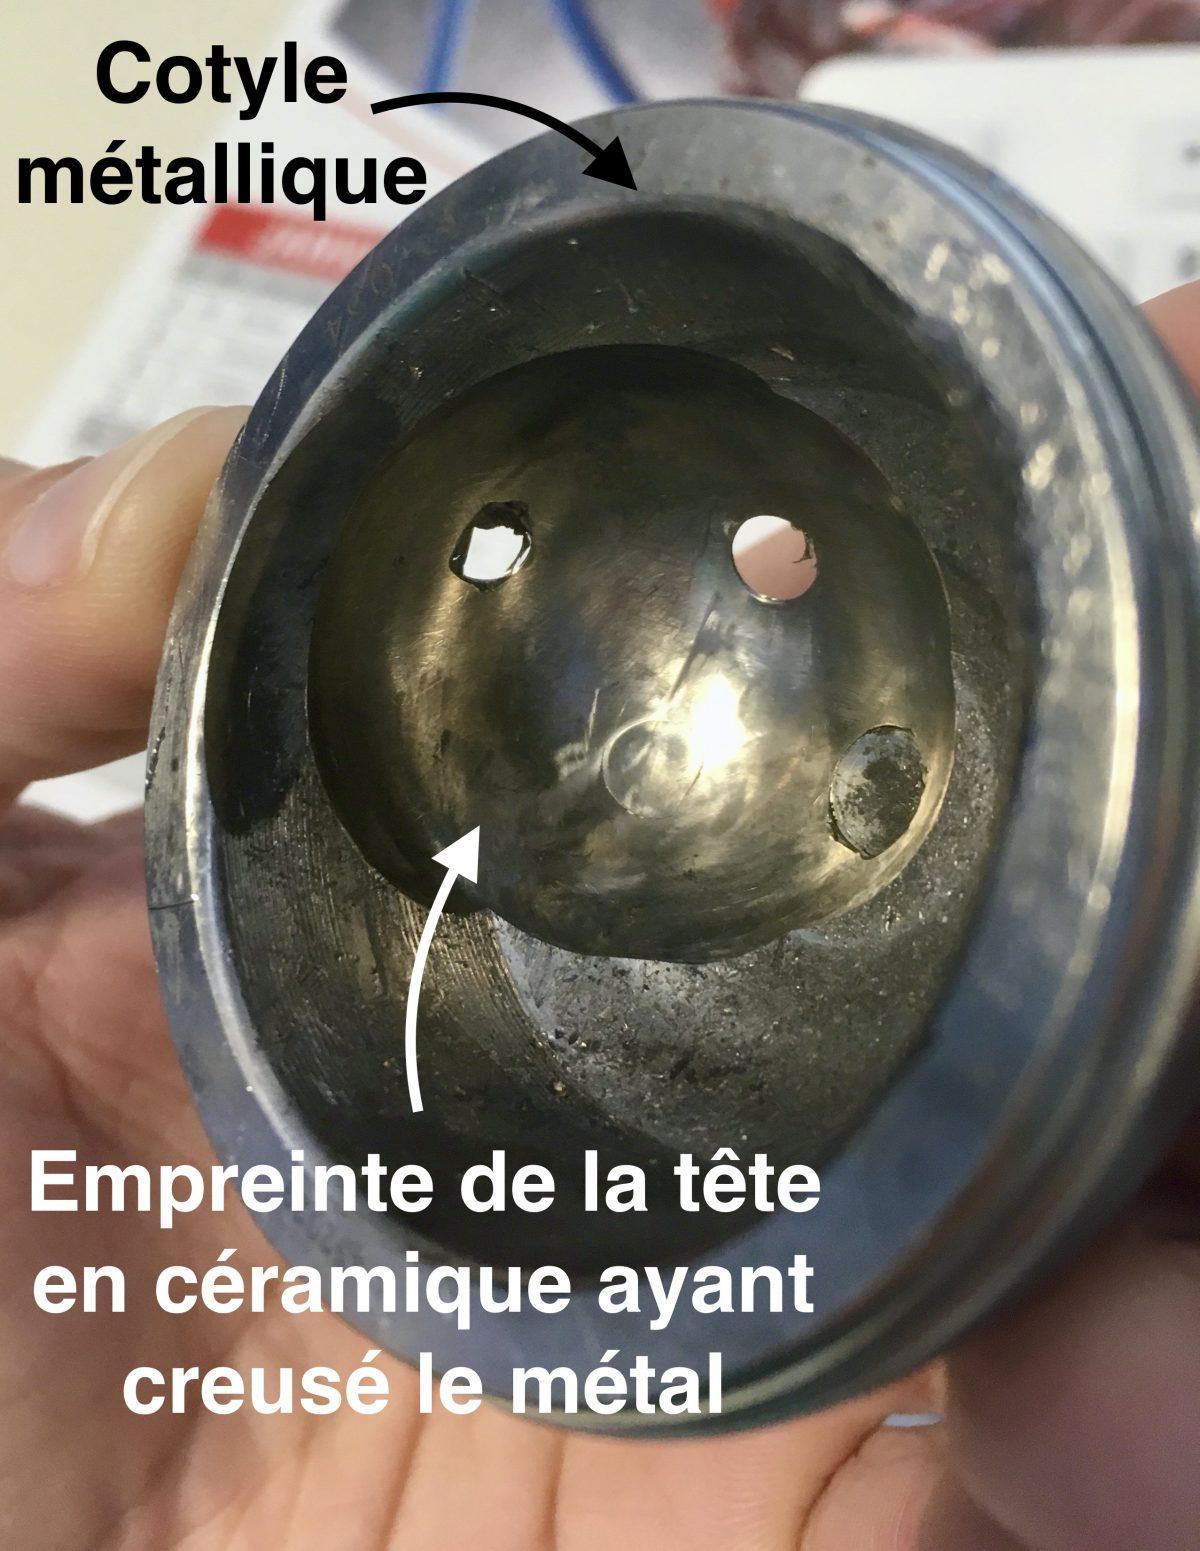 cotyle d'une prothèse de hanche avec empreinte de la tête suite à une fracture de céramique